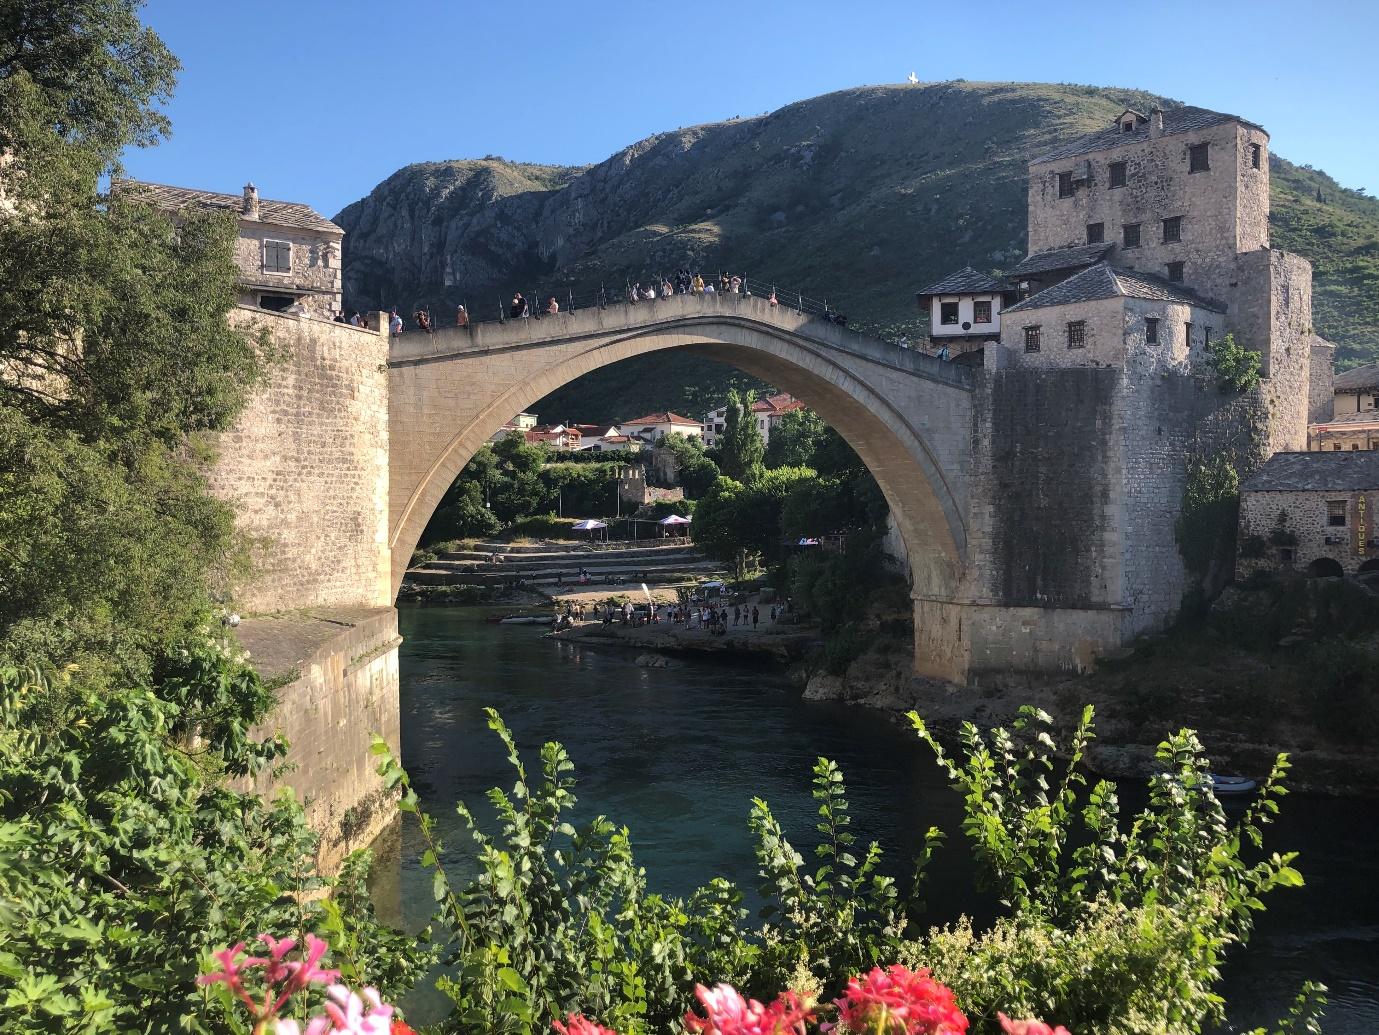 mostar köprüsü - bosna hersek'te gezilecek yerler